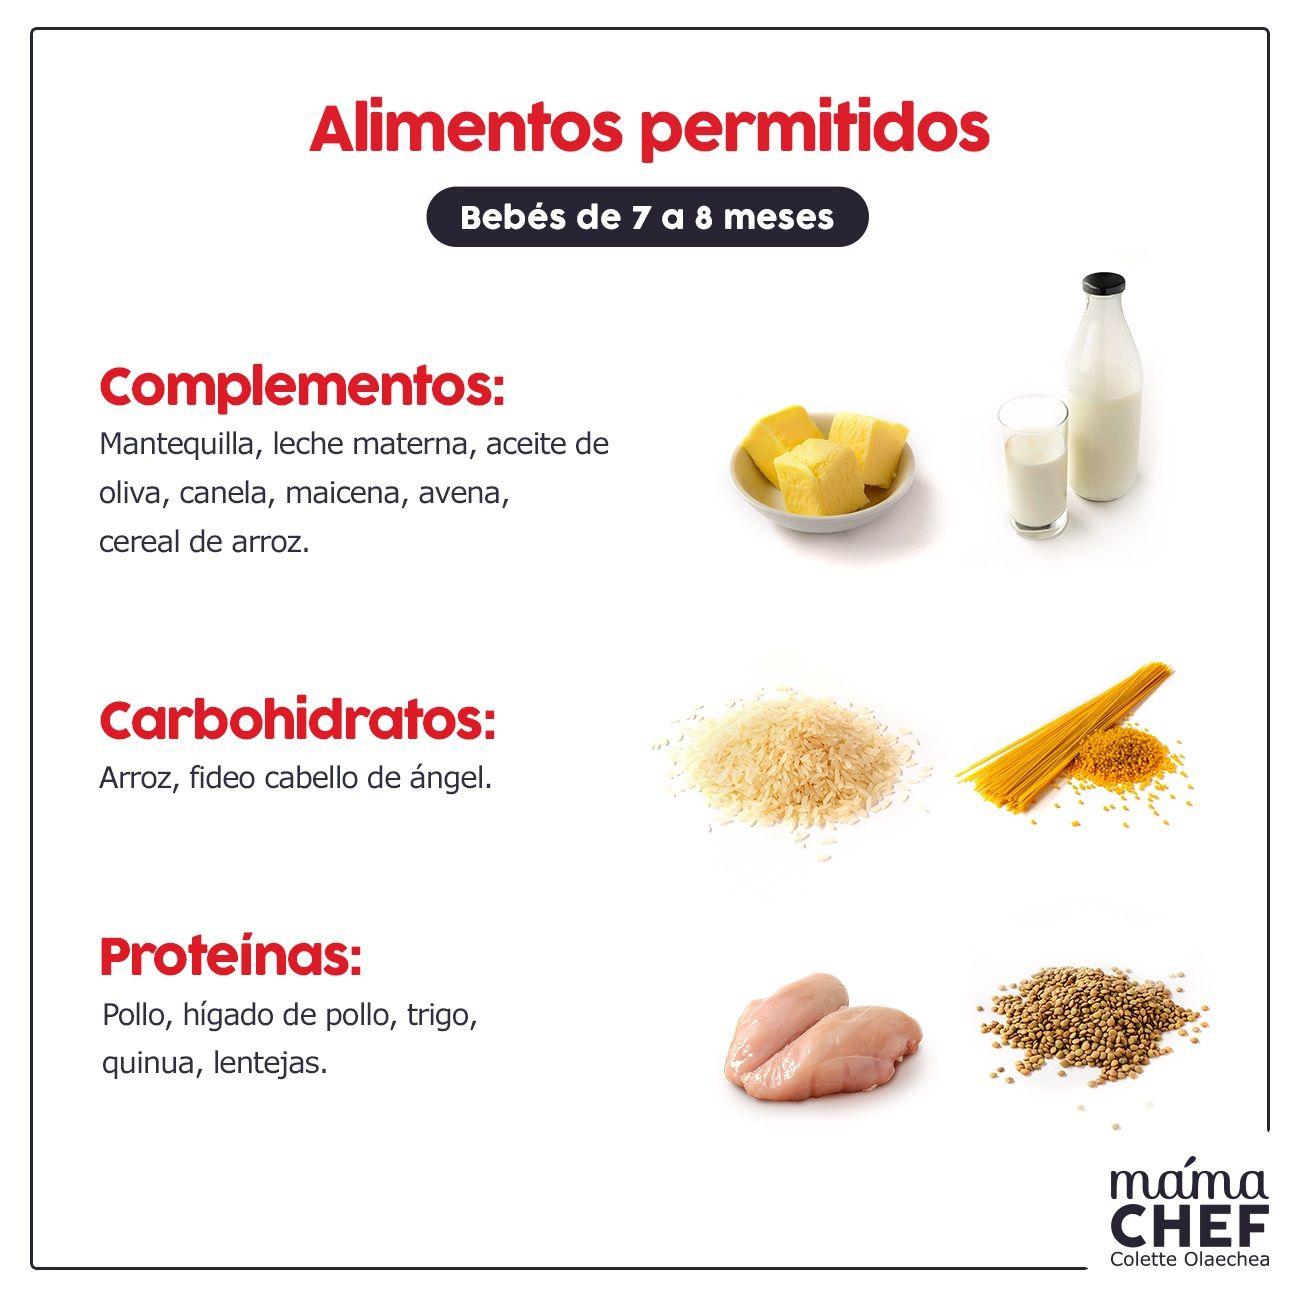 Alimentos permitidos complementos papillas papilla bebes 7 meses mama chef colette olaechea - Papillas para bebes de 6 meses ...